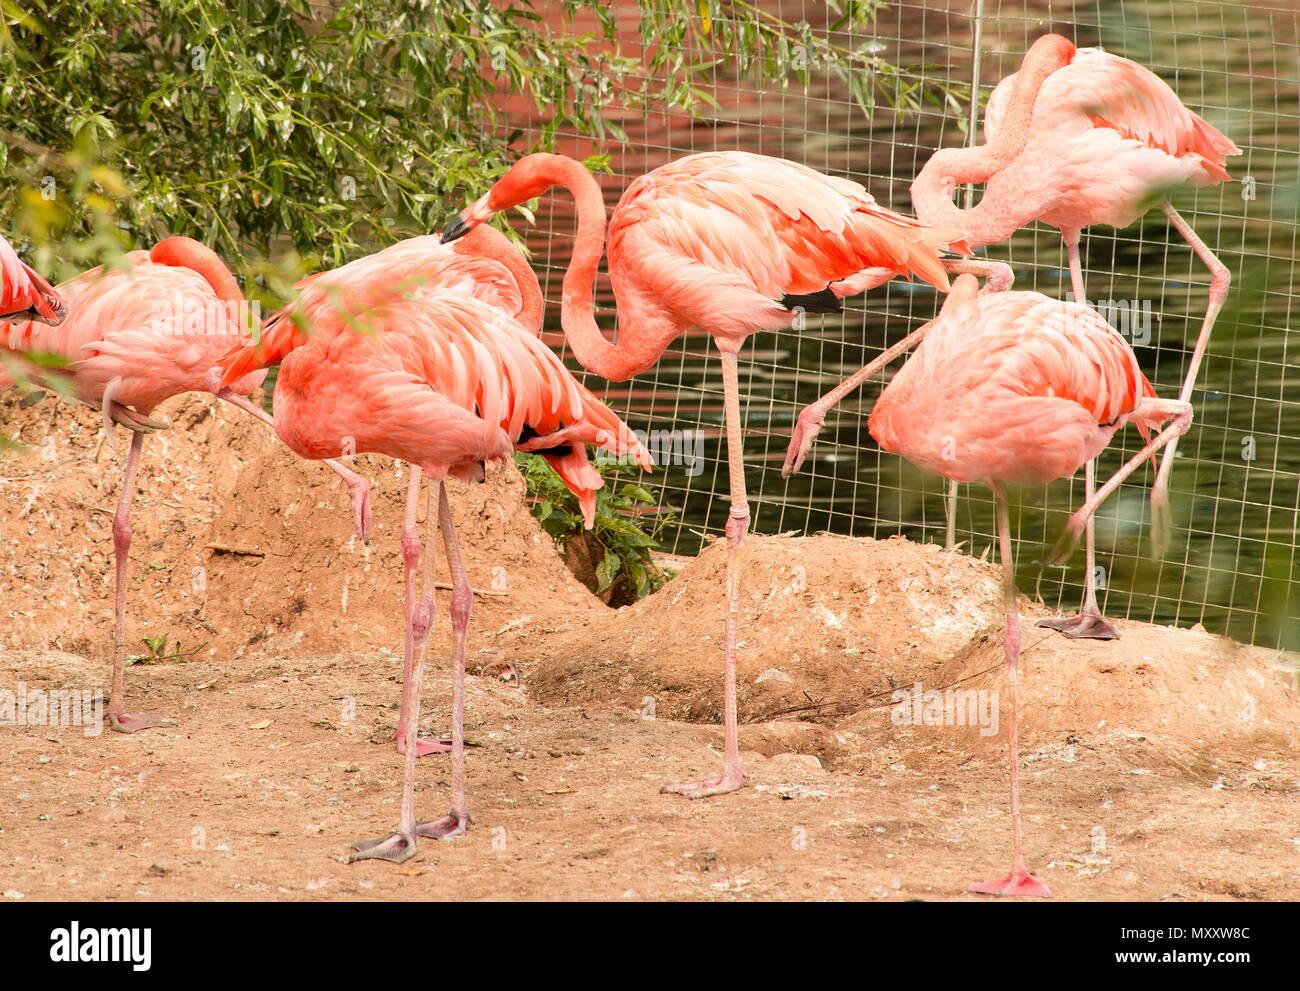 pink flamingoes at captivity - Stock Image